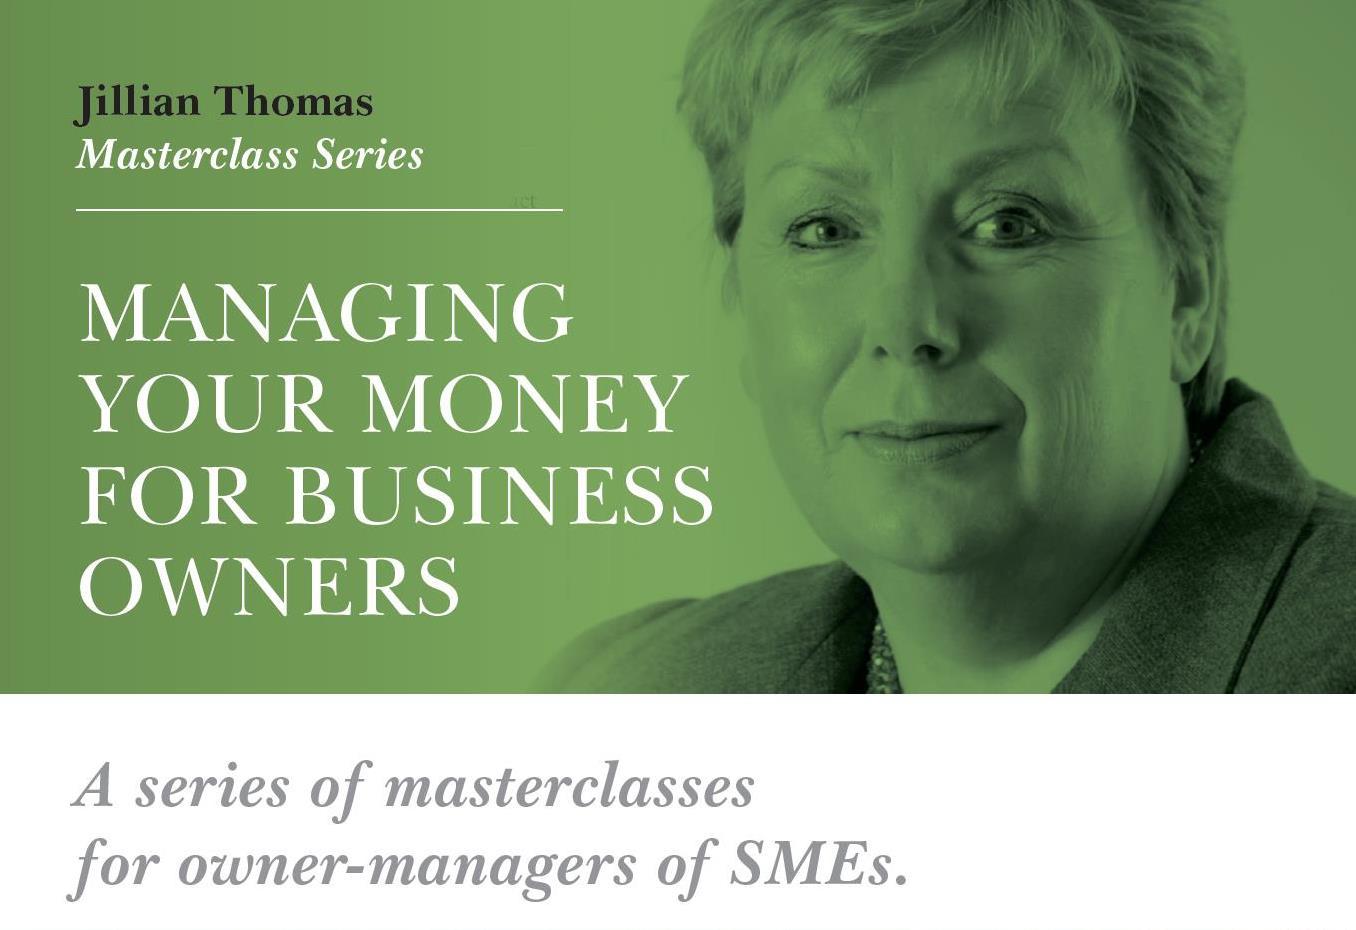 Sheffield financial planner Jillian Thomas